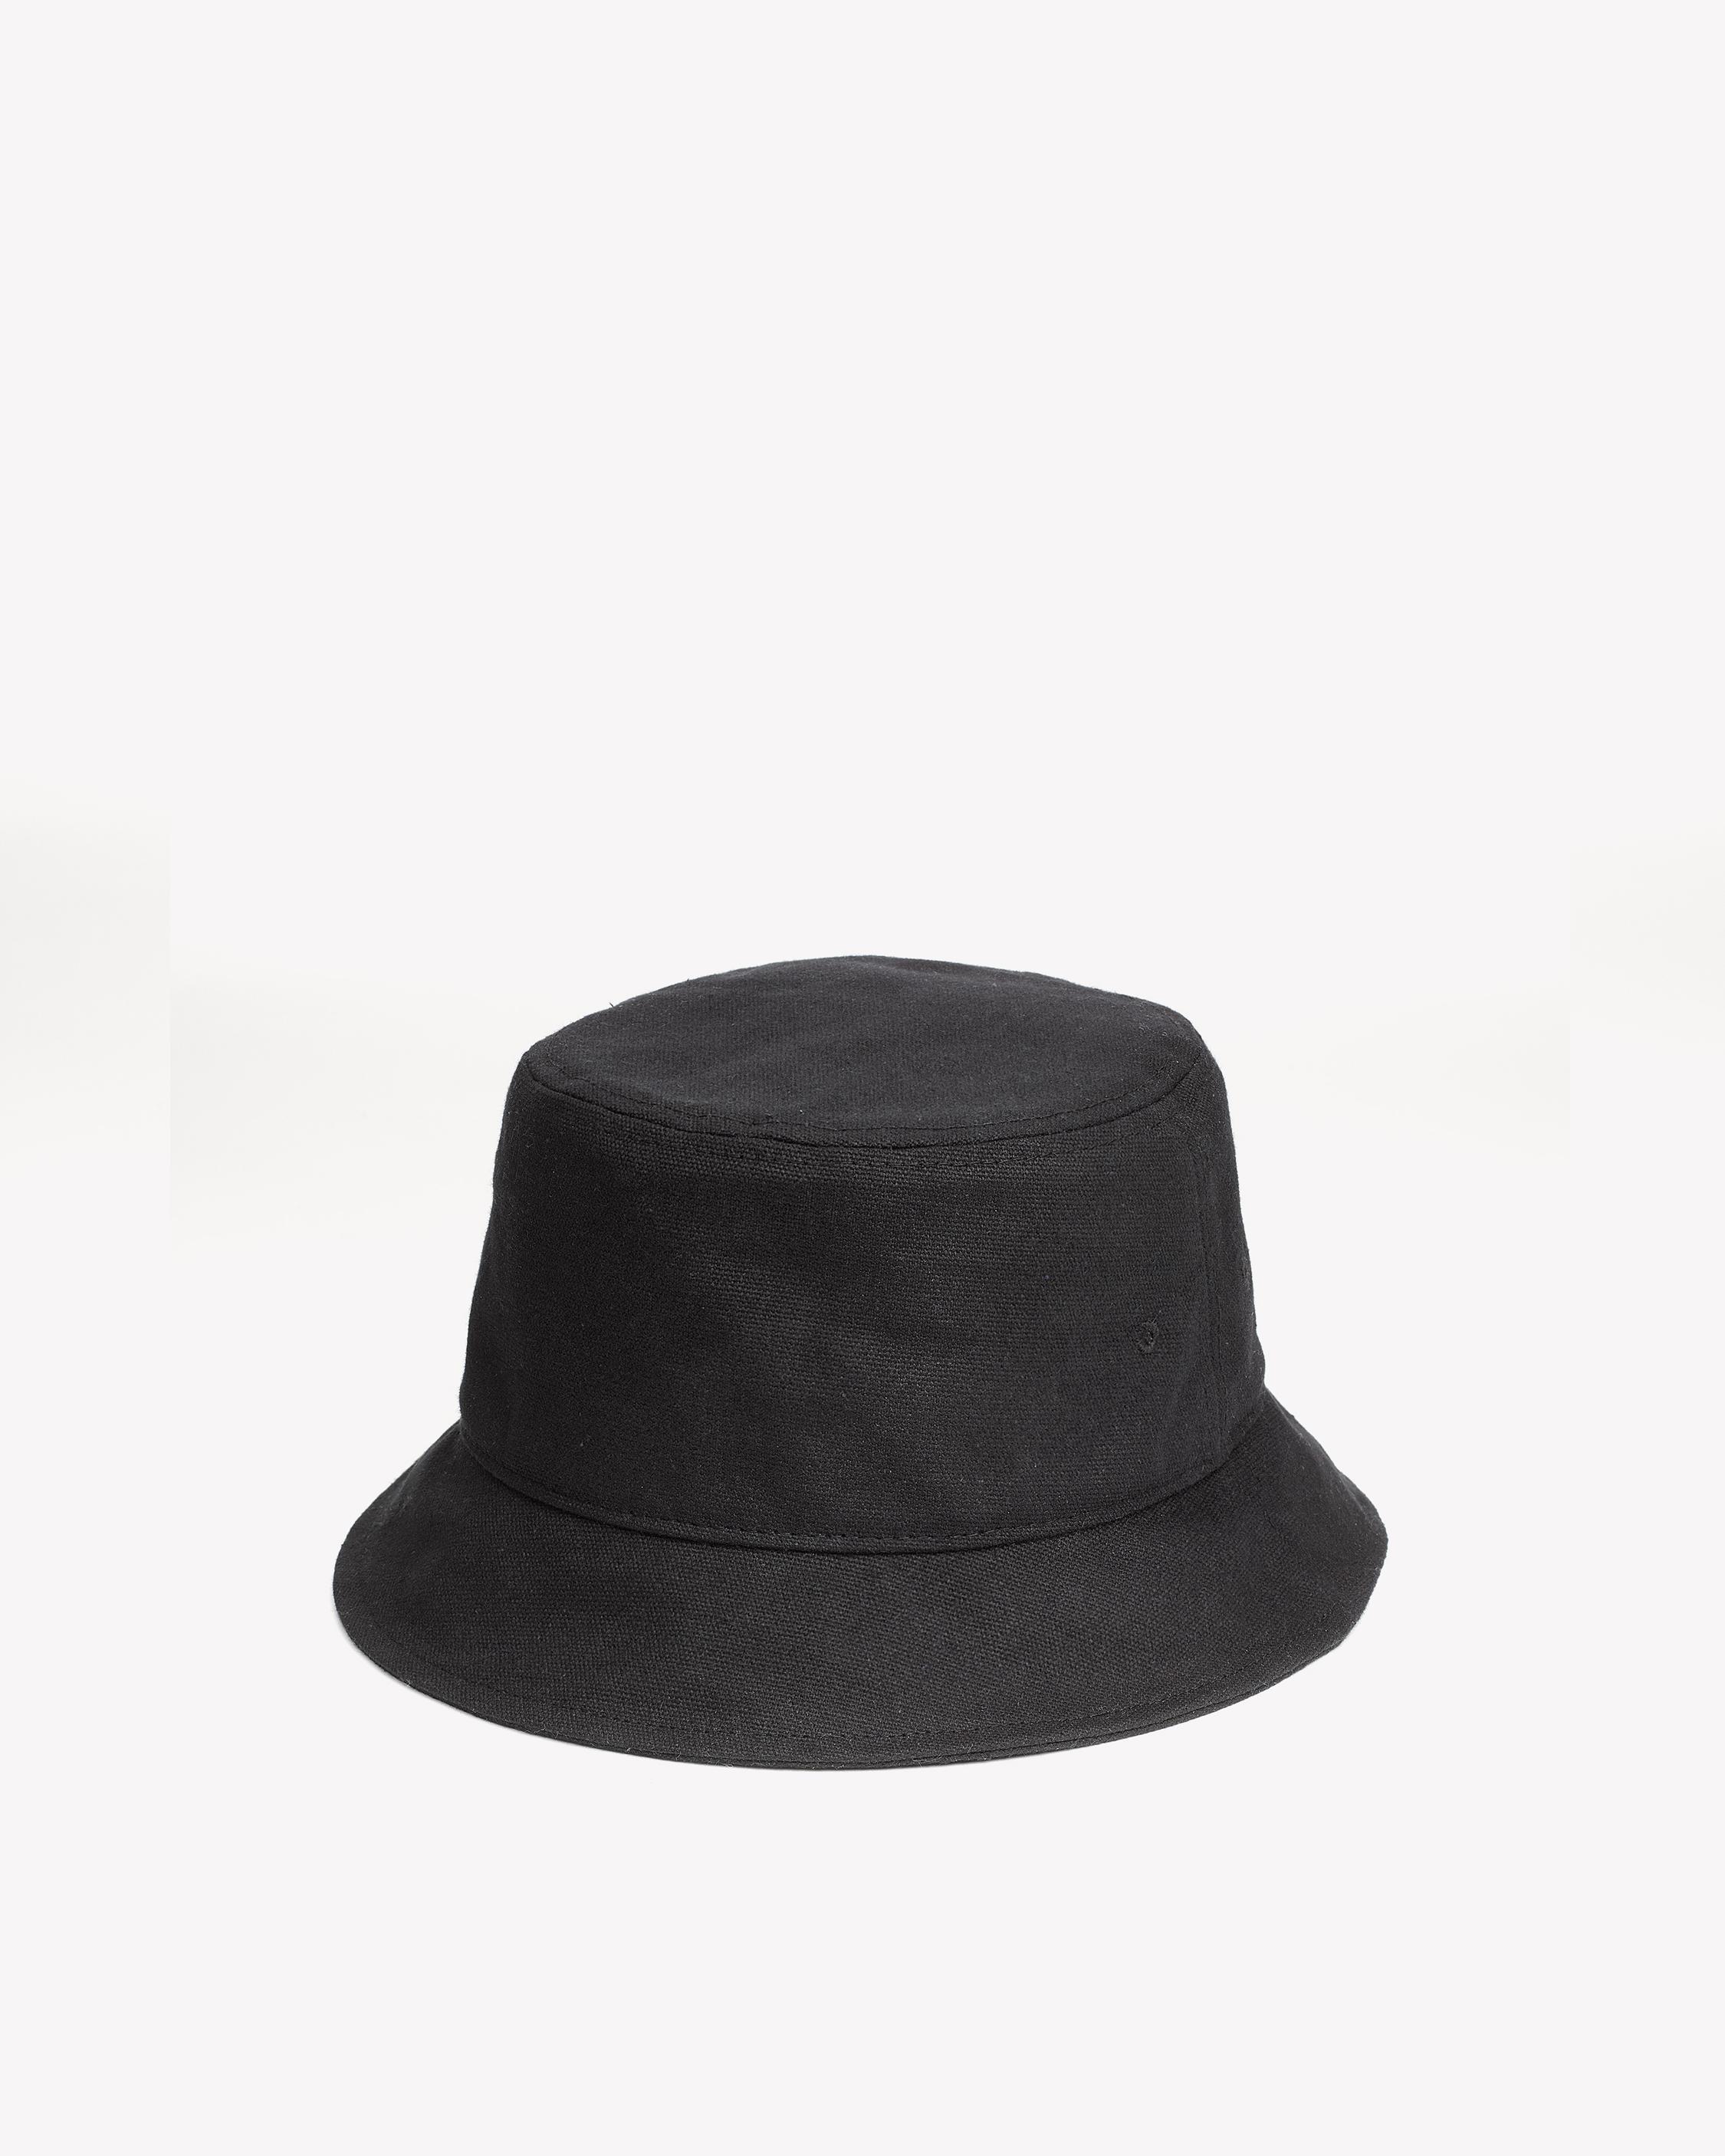 ca9bde13925 coupon code for jordan 7 bucket hat zip code 16354 df777